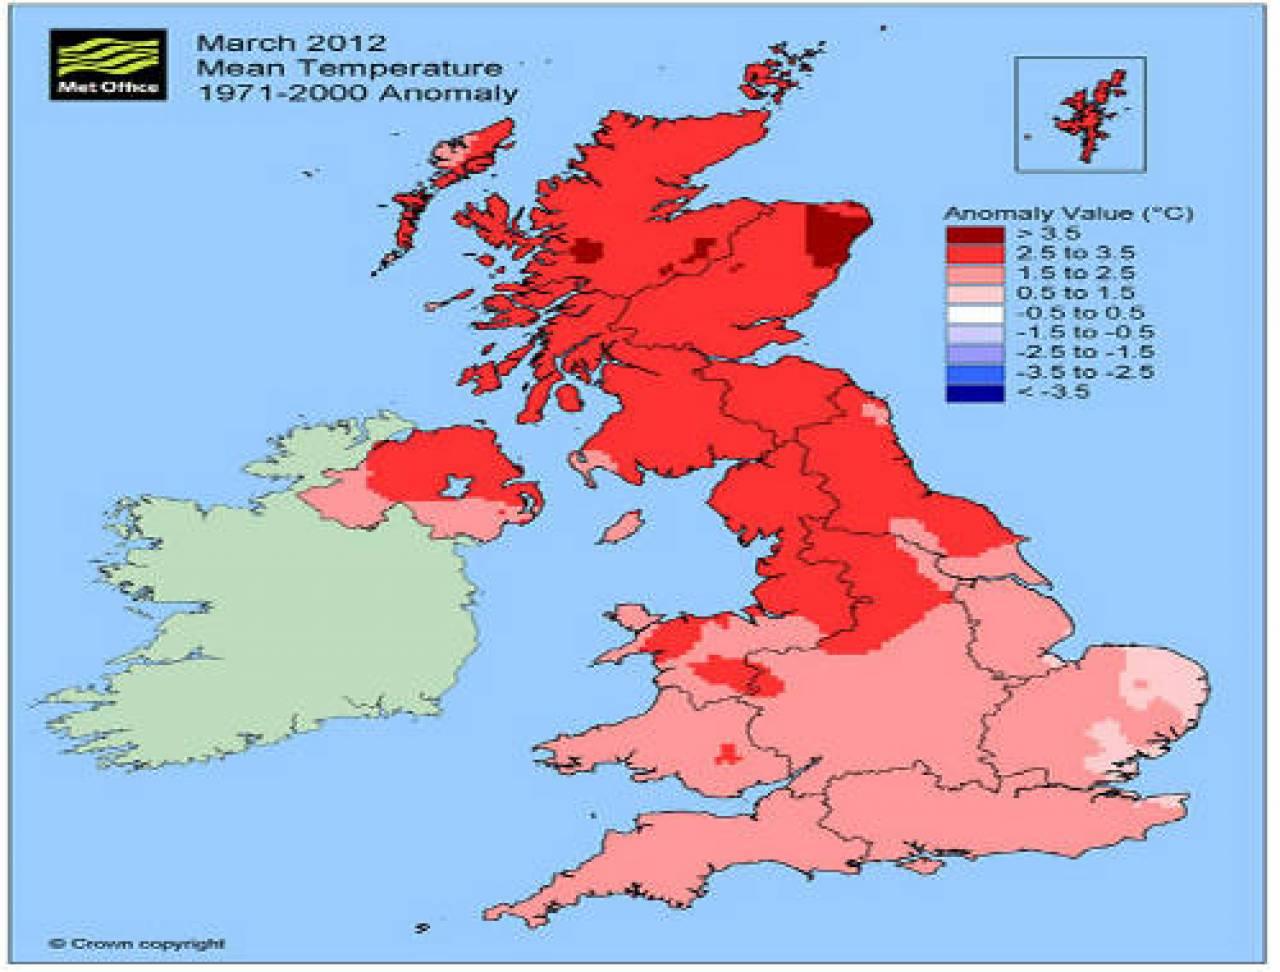 Clima regno unito marzo 2012 il pi caldo dal 1957 3b meteo - Mappa dell inghilterra per i bambini ...